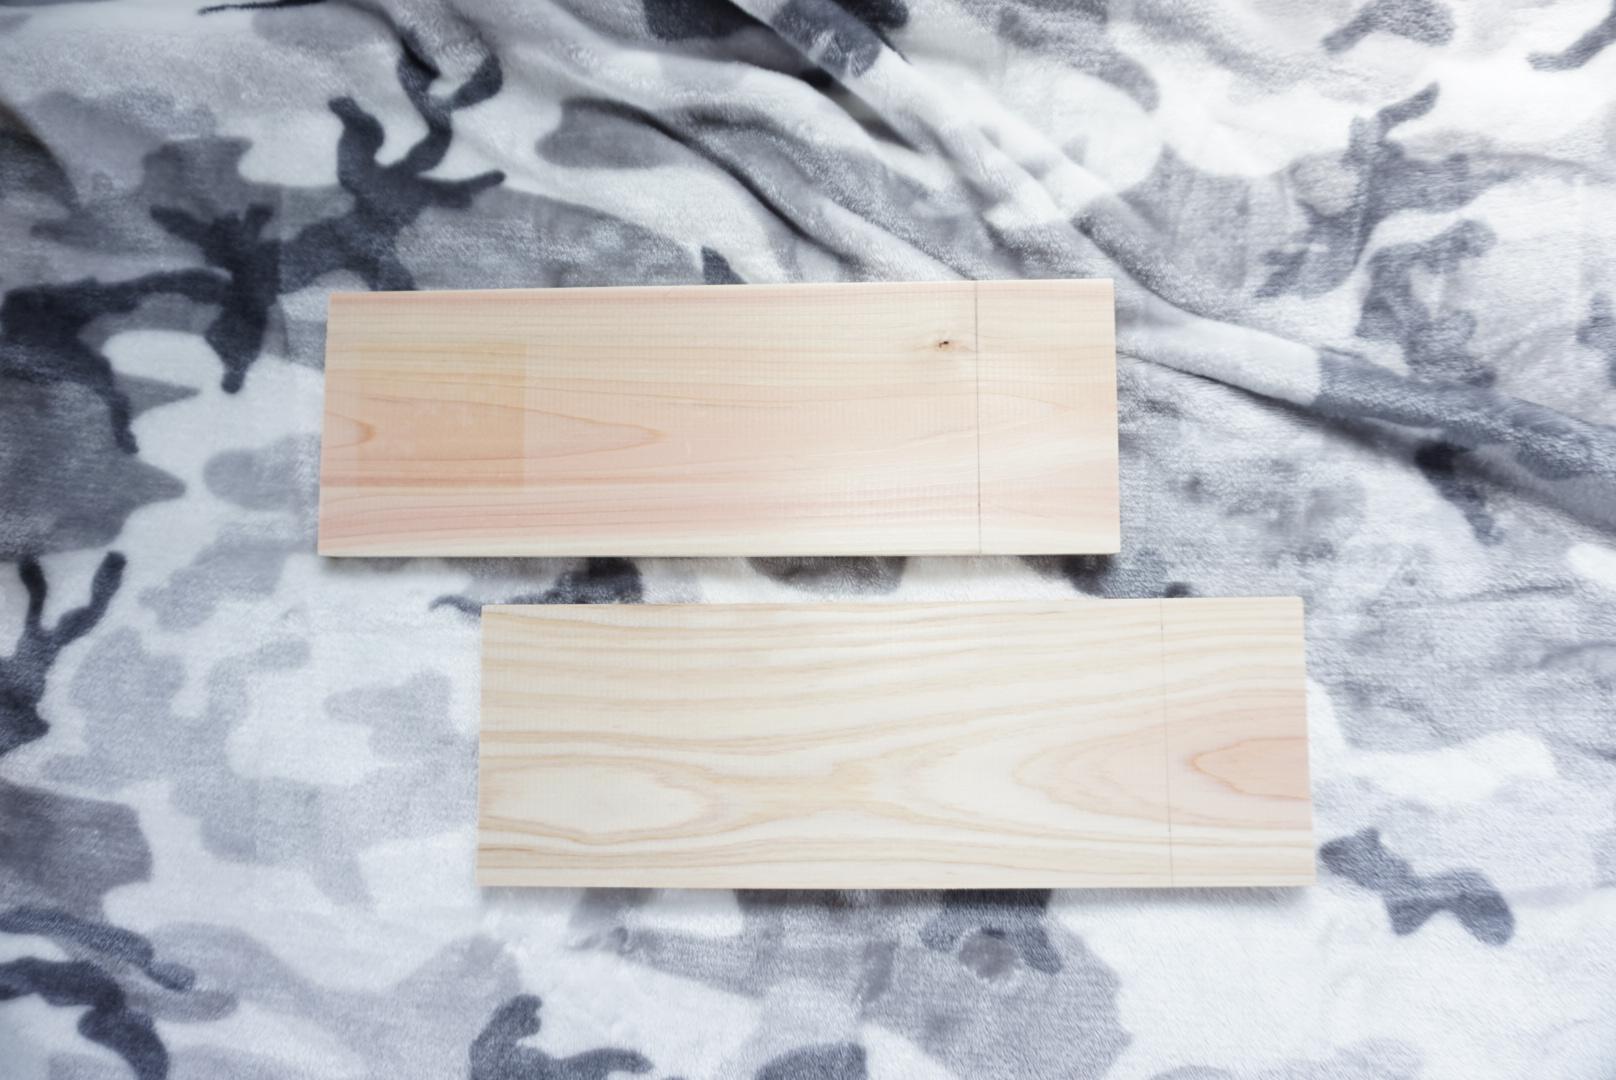 100均板材で便利な収納を作ろう2